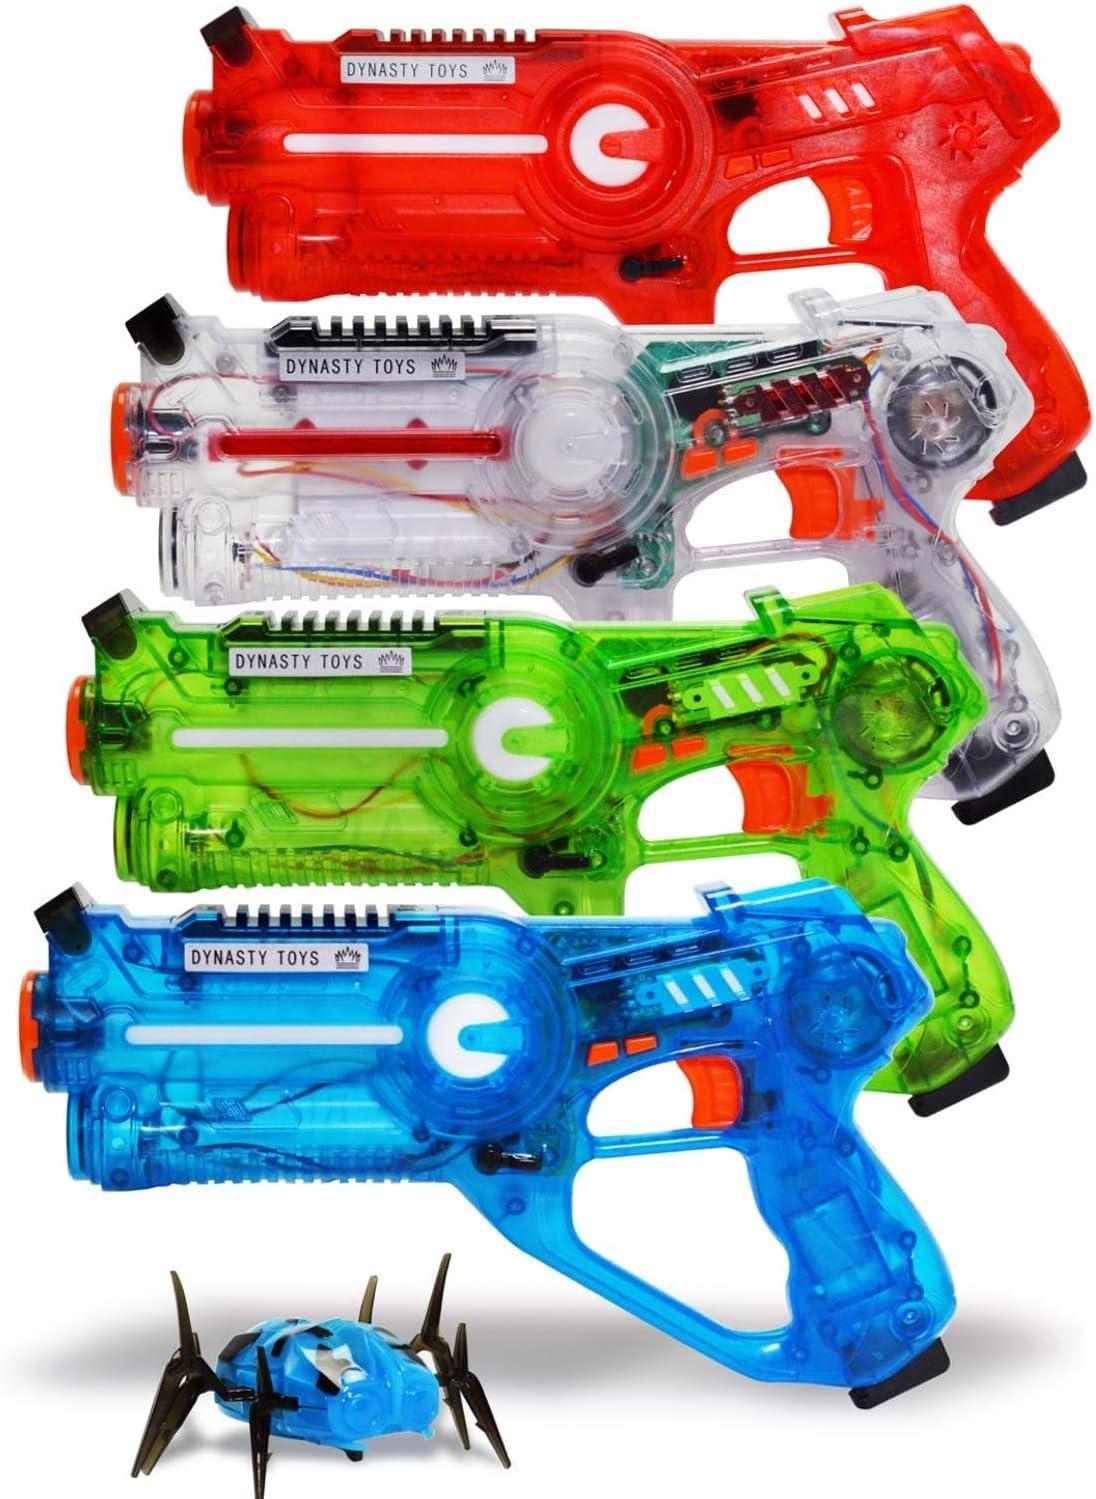 Dynasty Toys Laser Tag